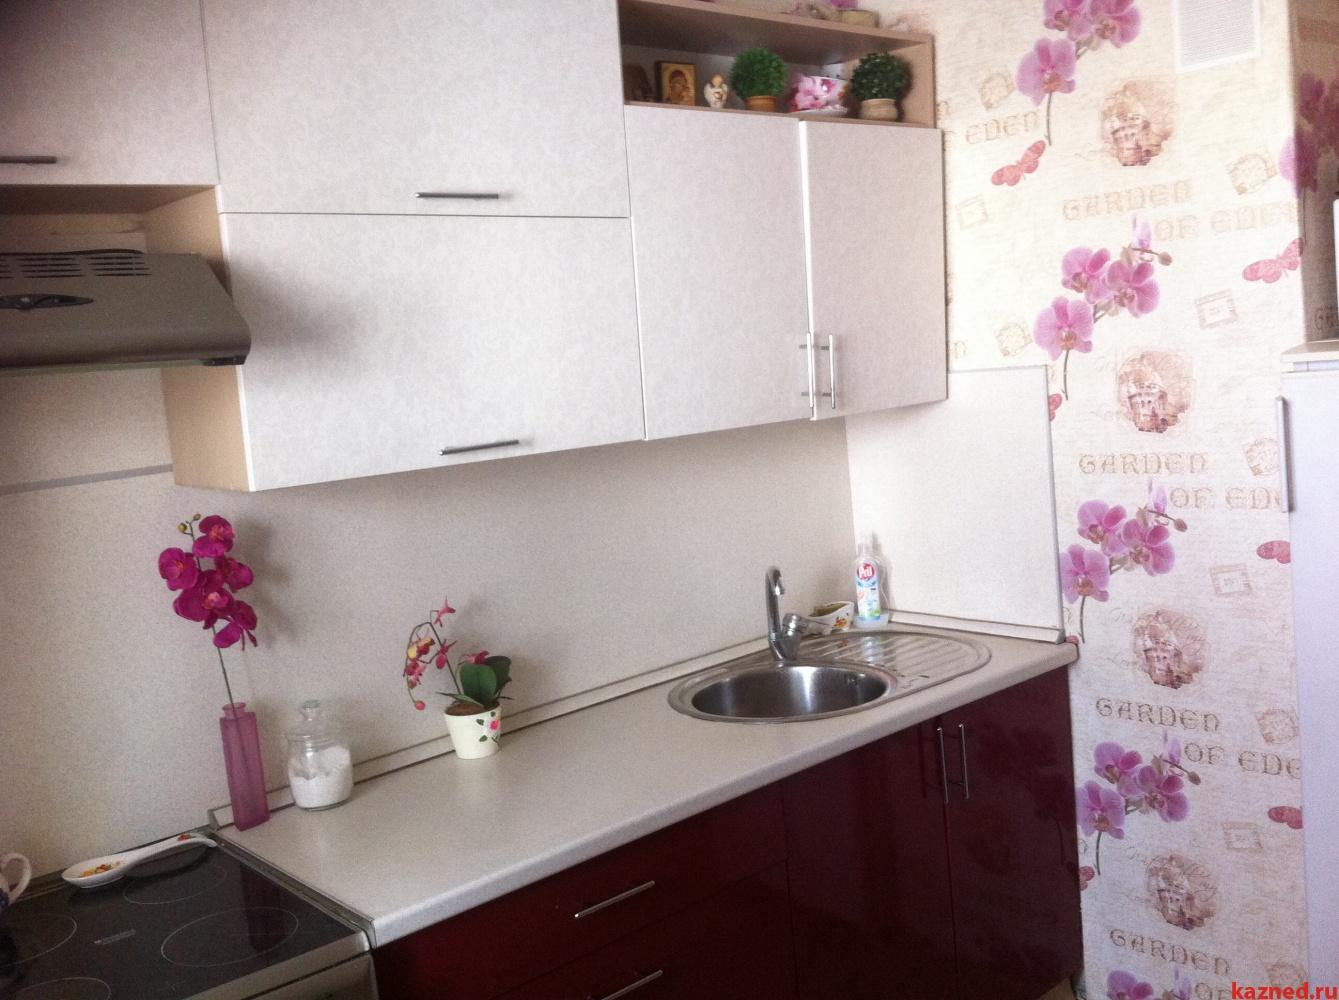 Продажа 2-к квартиры проспект Победы д.62, 55 м²  (миниатюра №5)